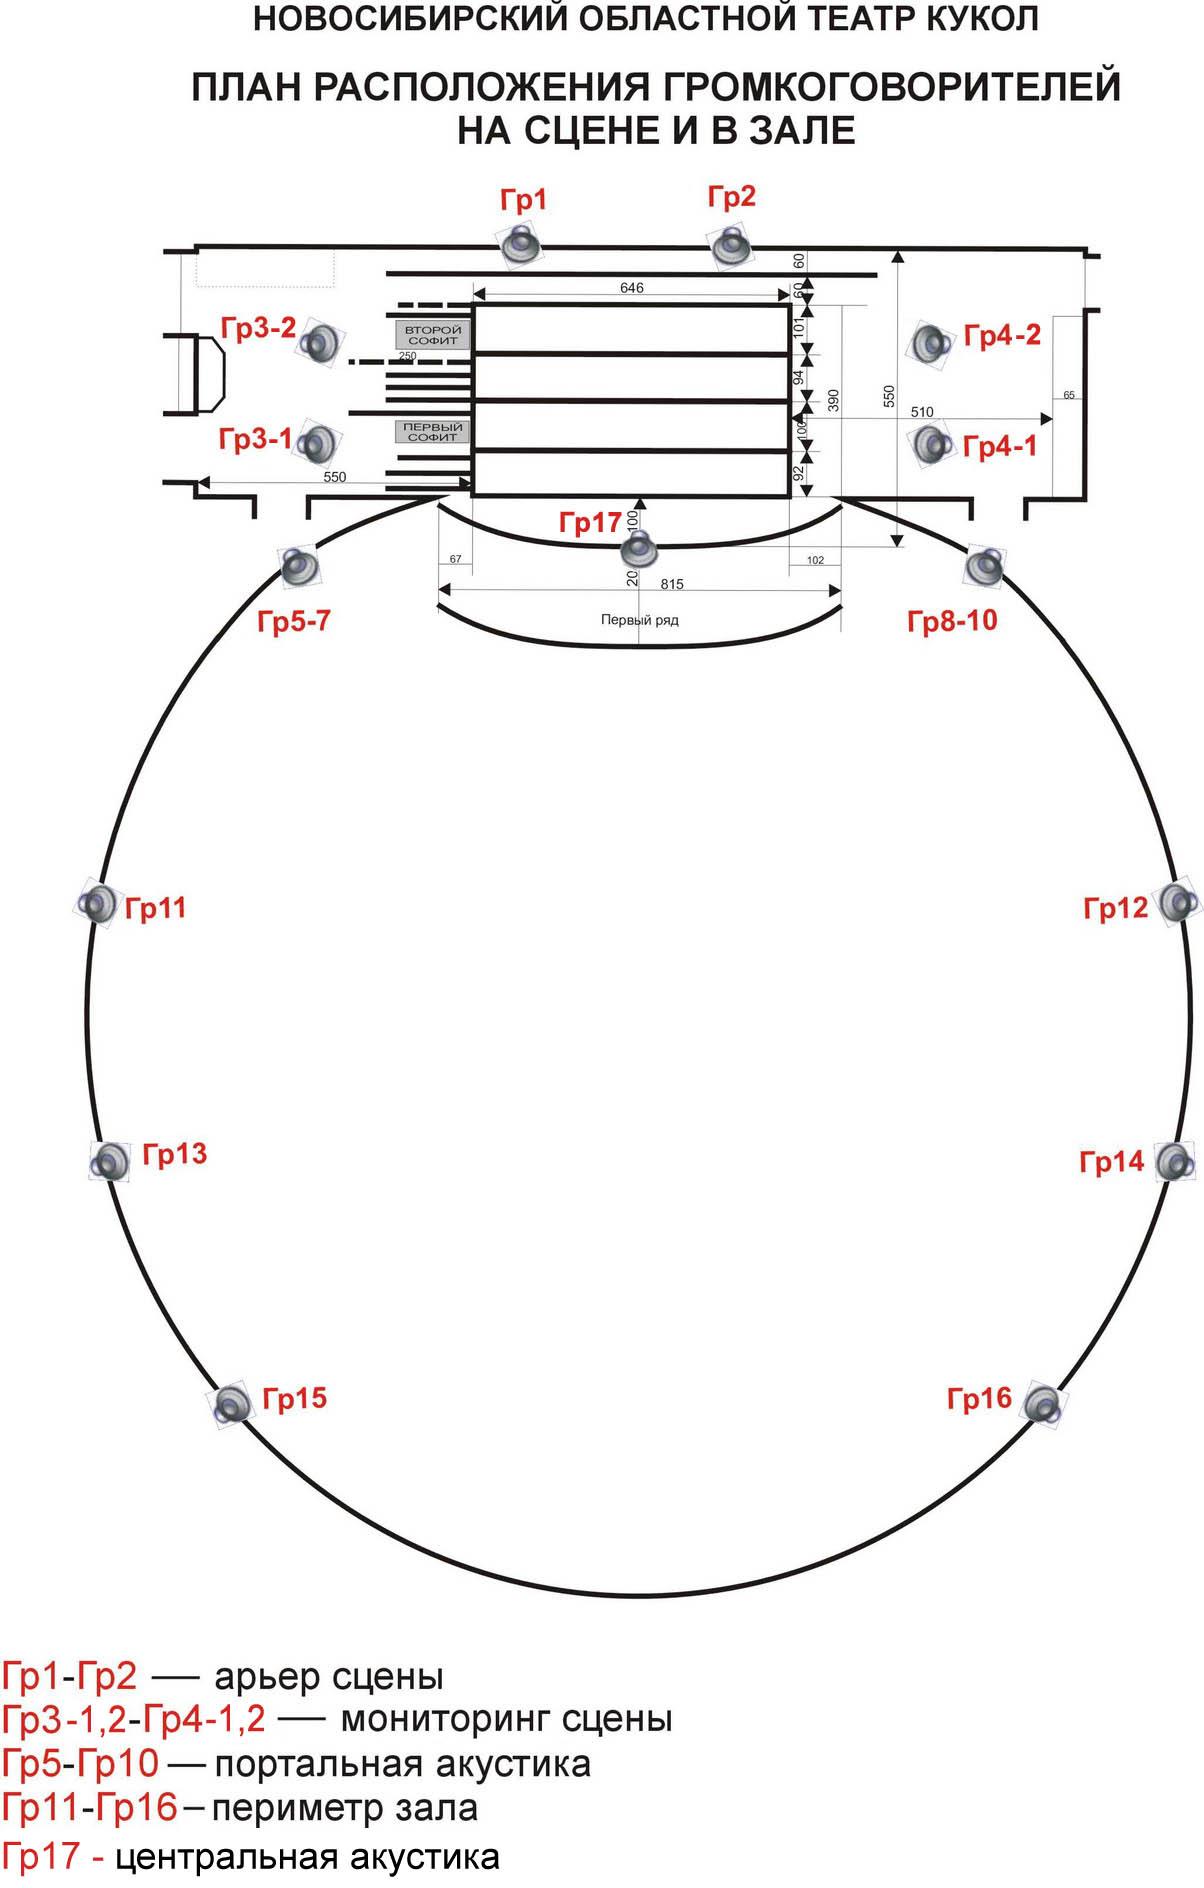 Схема расположения сцены